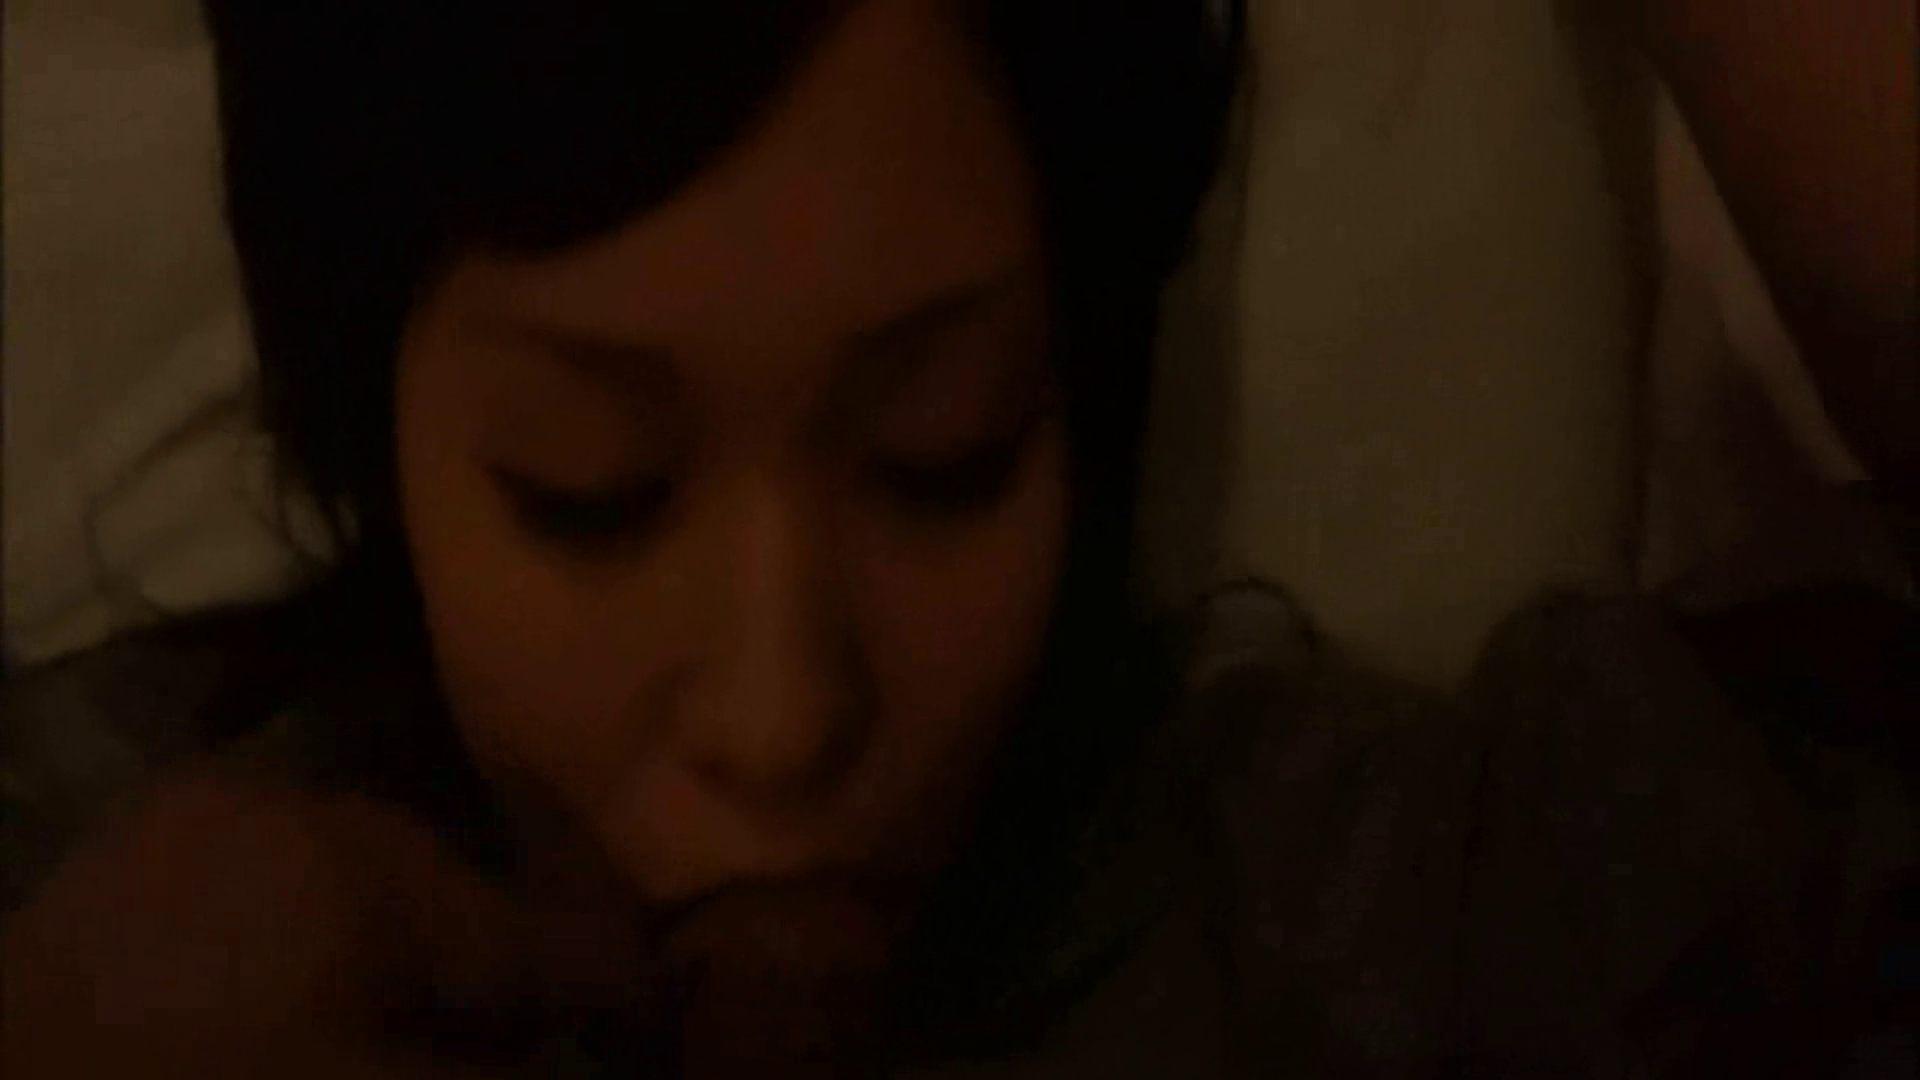 vol.5 葵を迎えに行きアレを使い地元の寂れたラブホテルへ。 巨乳 覗きおまんこ画像 88pic 75